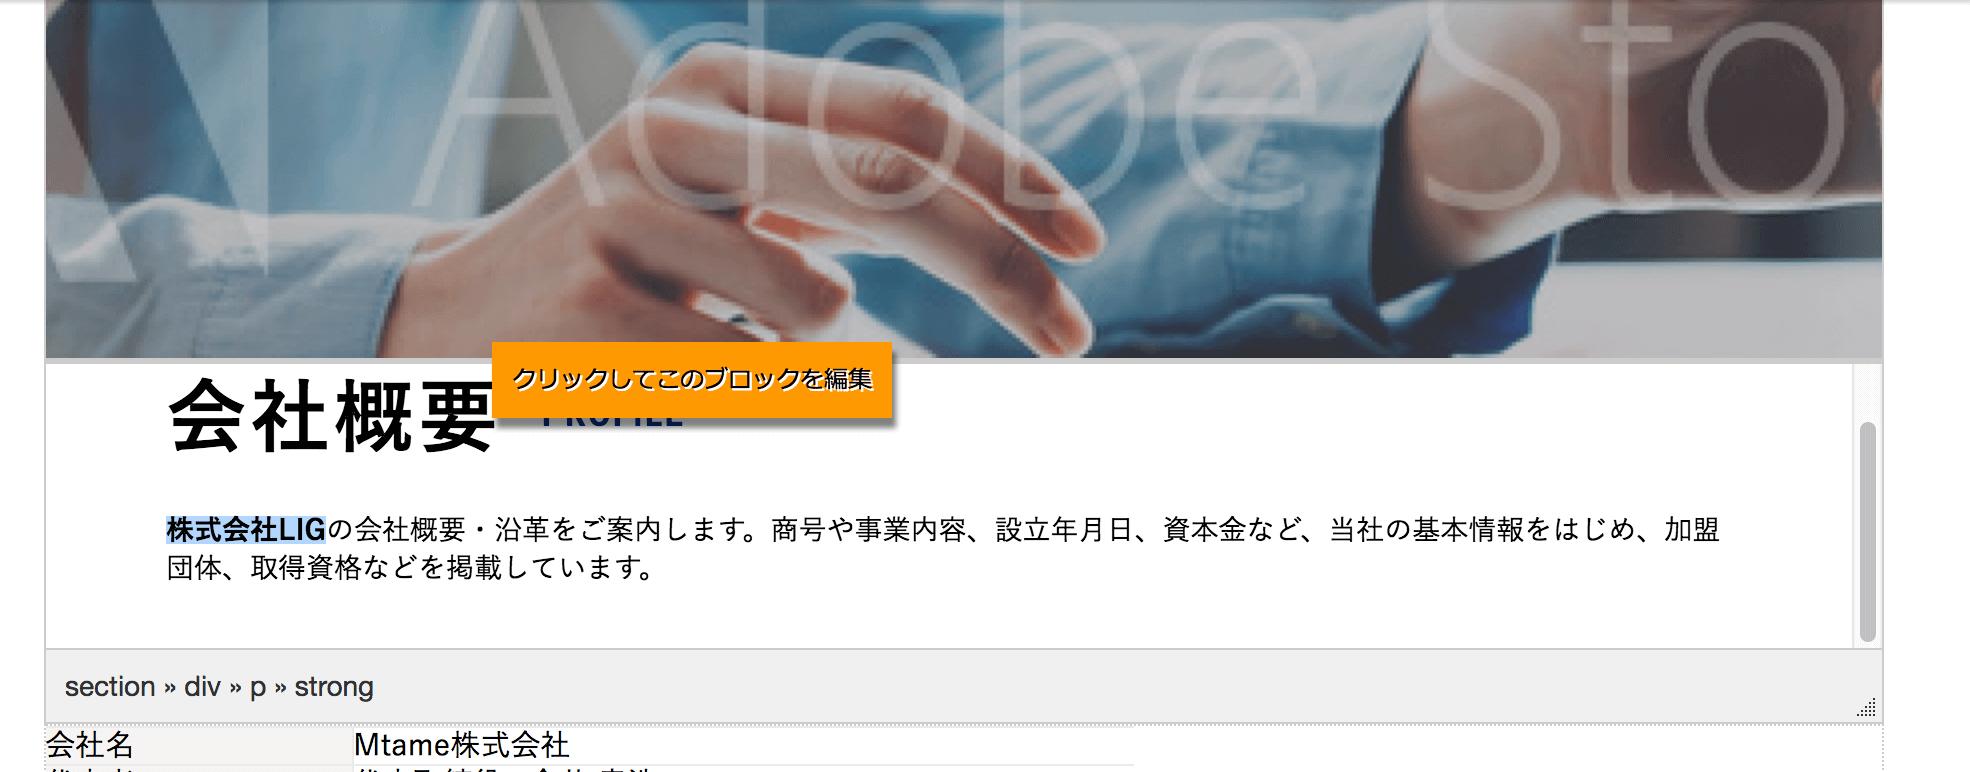 テンプレート編集